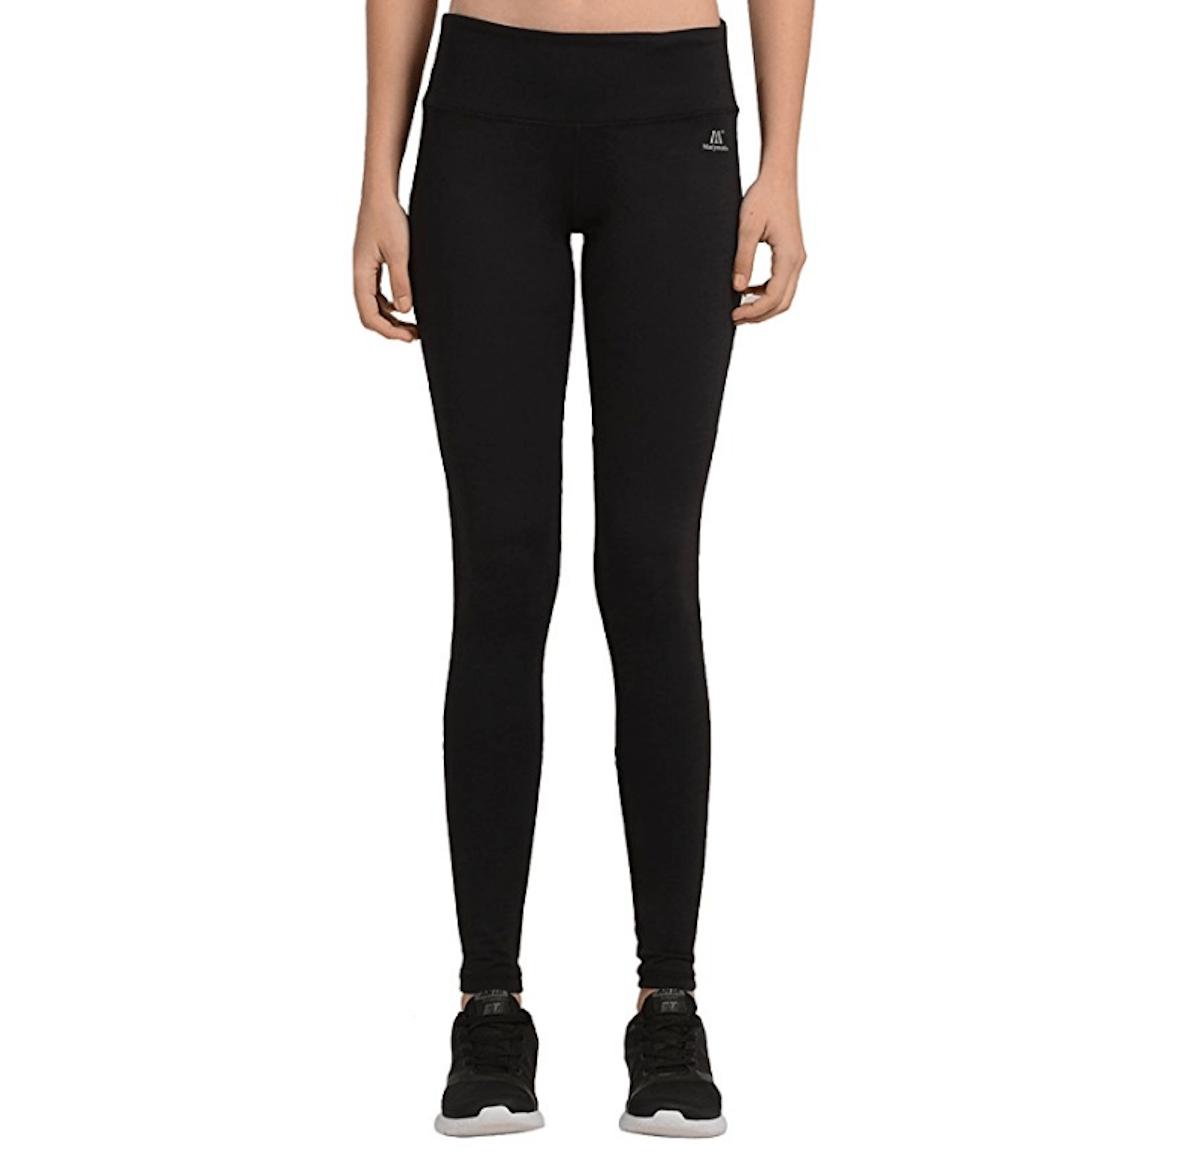 10 Functional & Flattering Black Leggings You Can Buy on Amazon ...